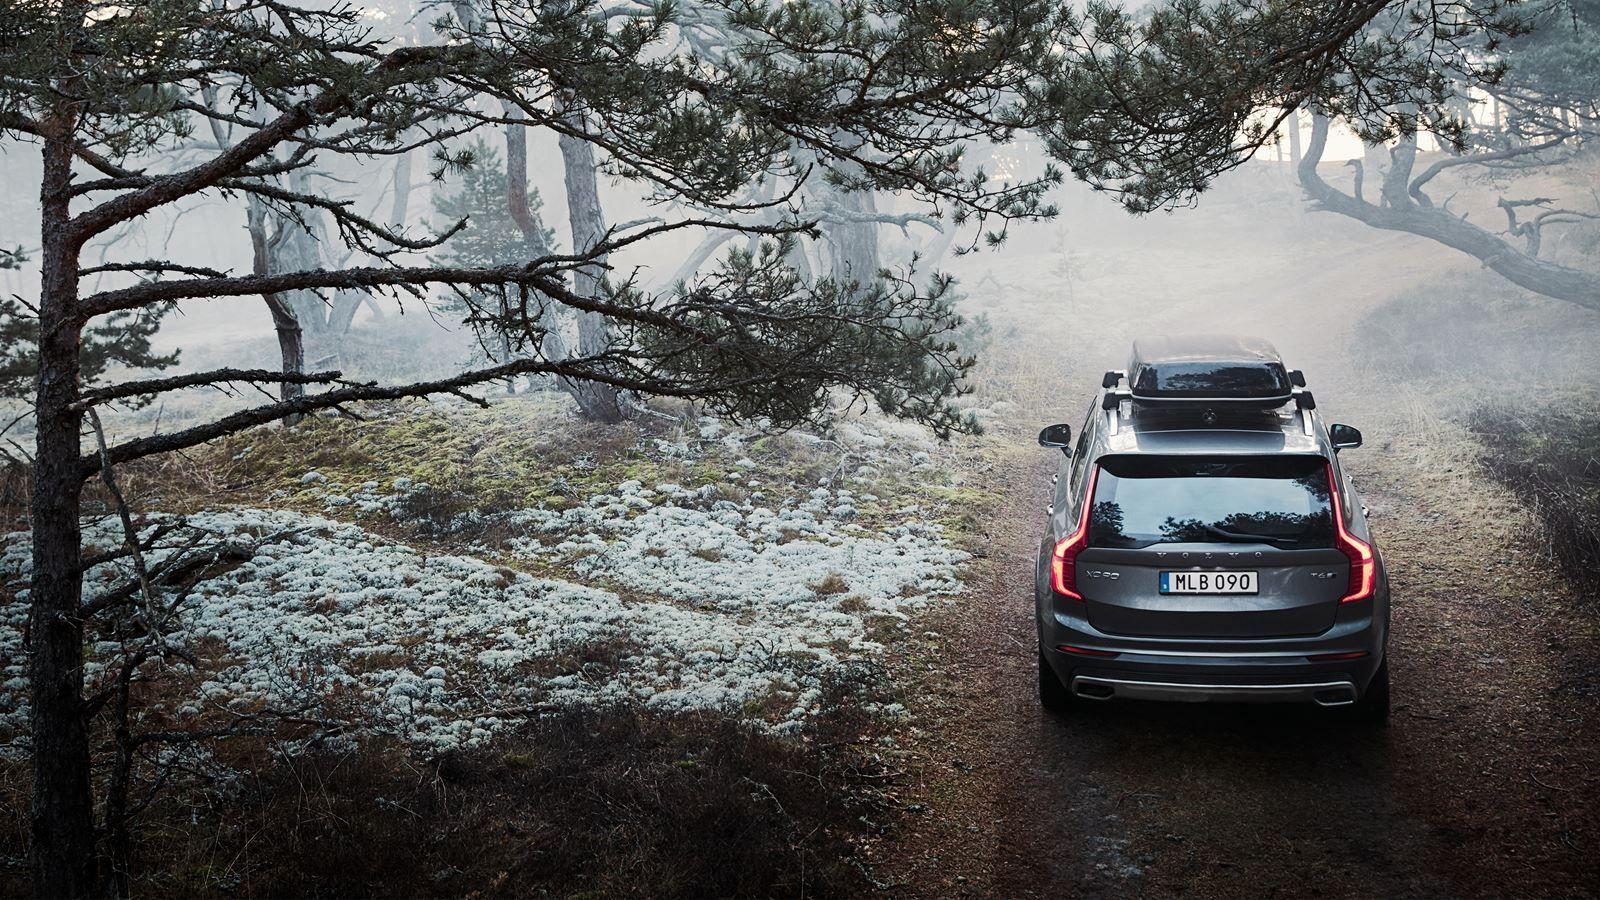 Seguridad al volante en invierno, ¿neumáticos o cadenas? Descubre con Volvo tu mejor opción